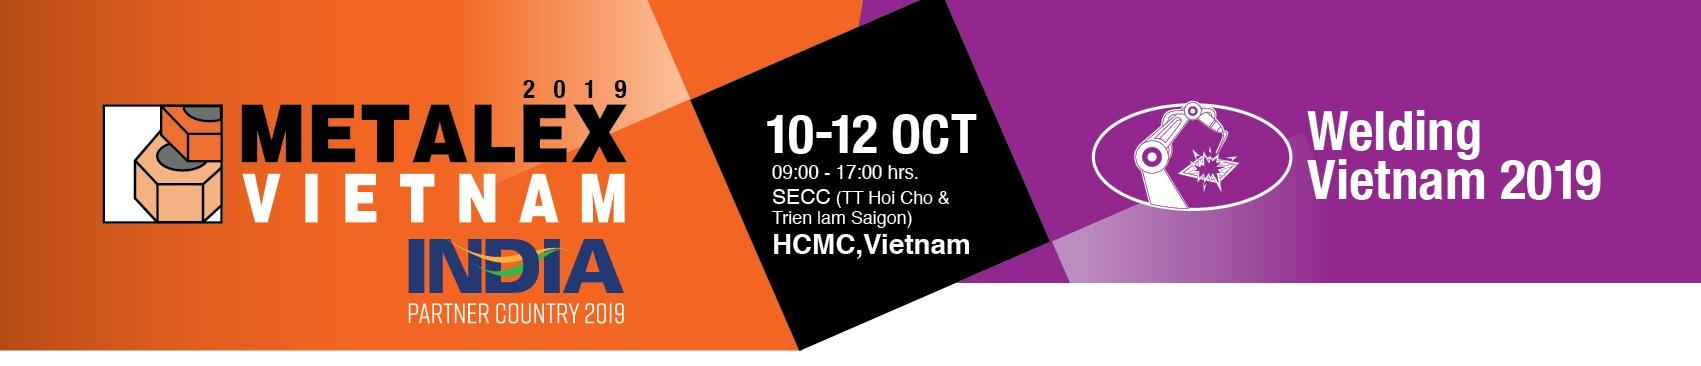 METALEX Vietnam 2019